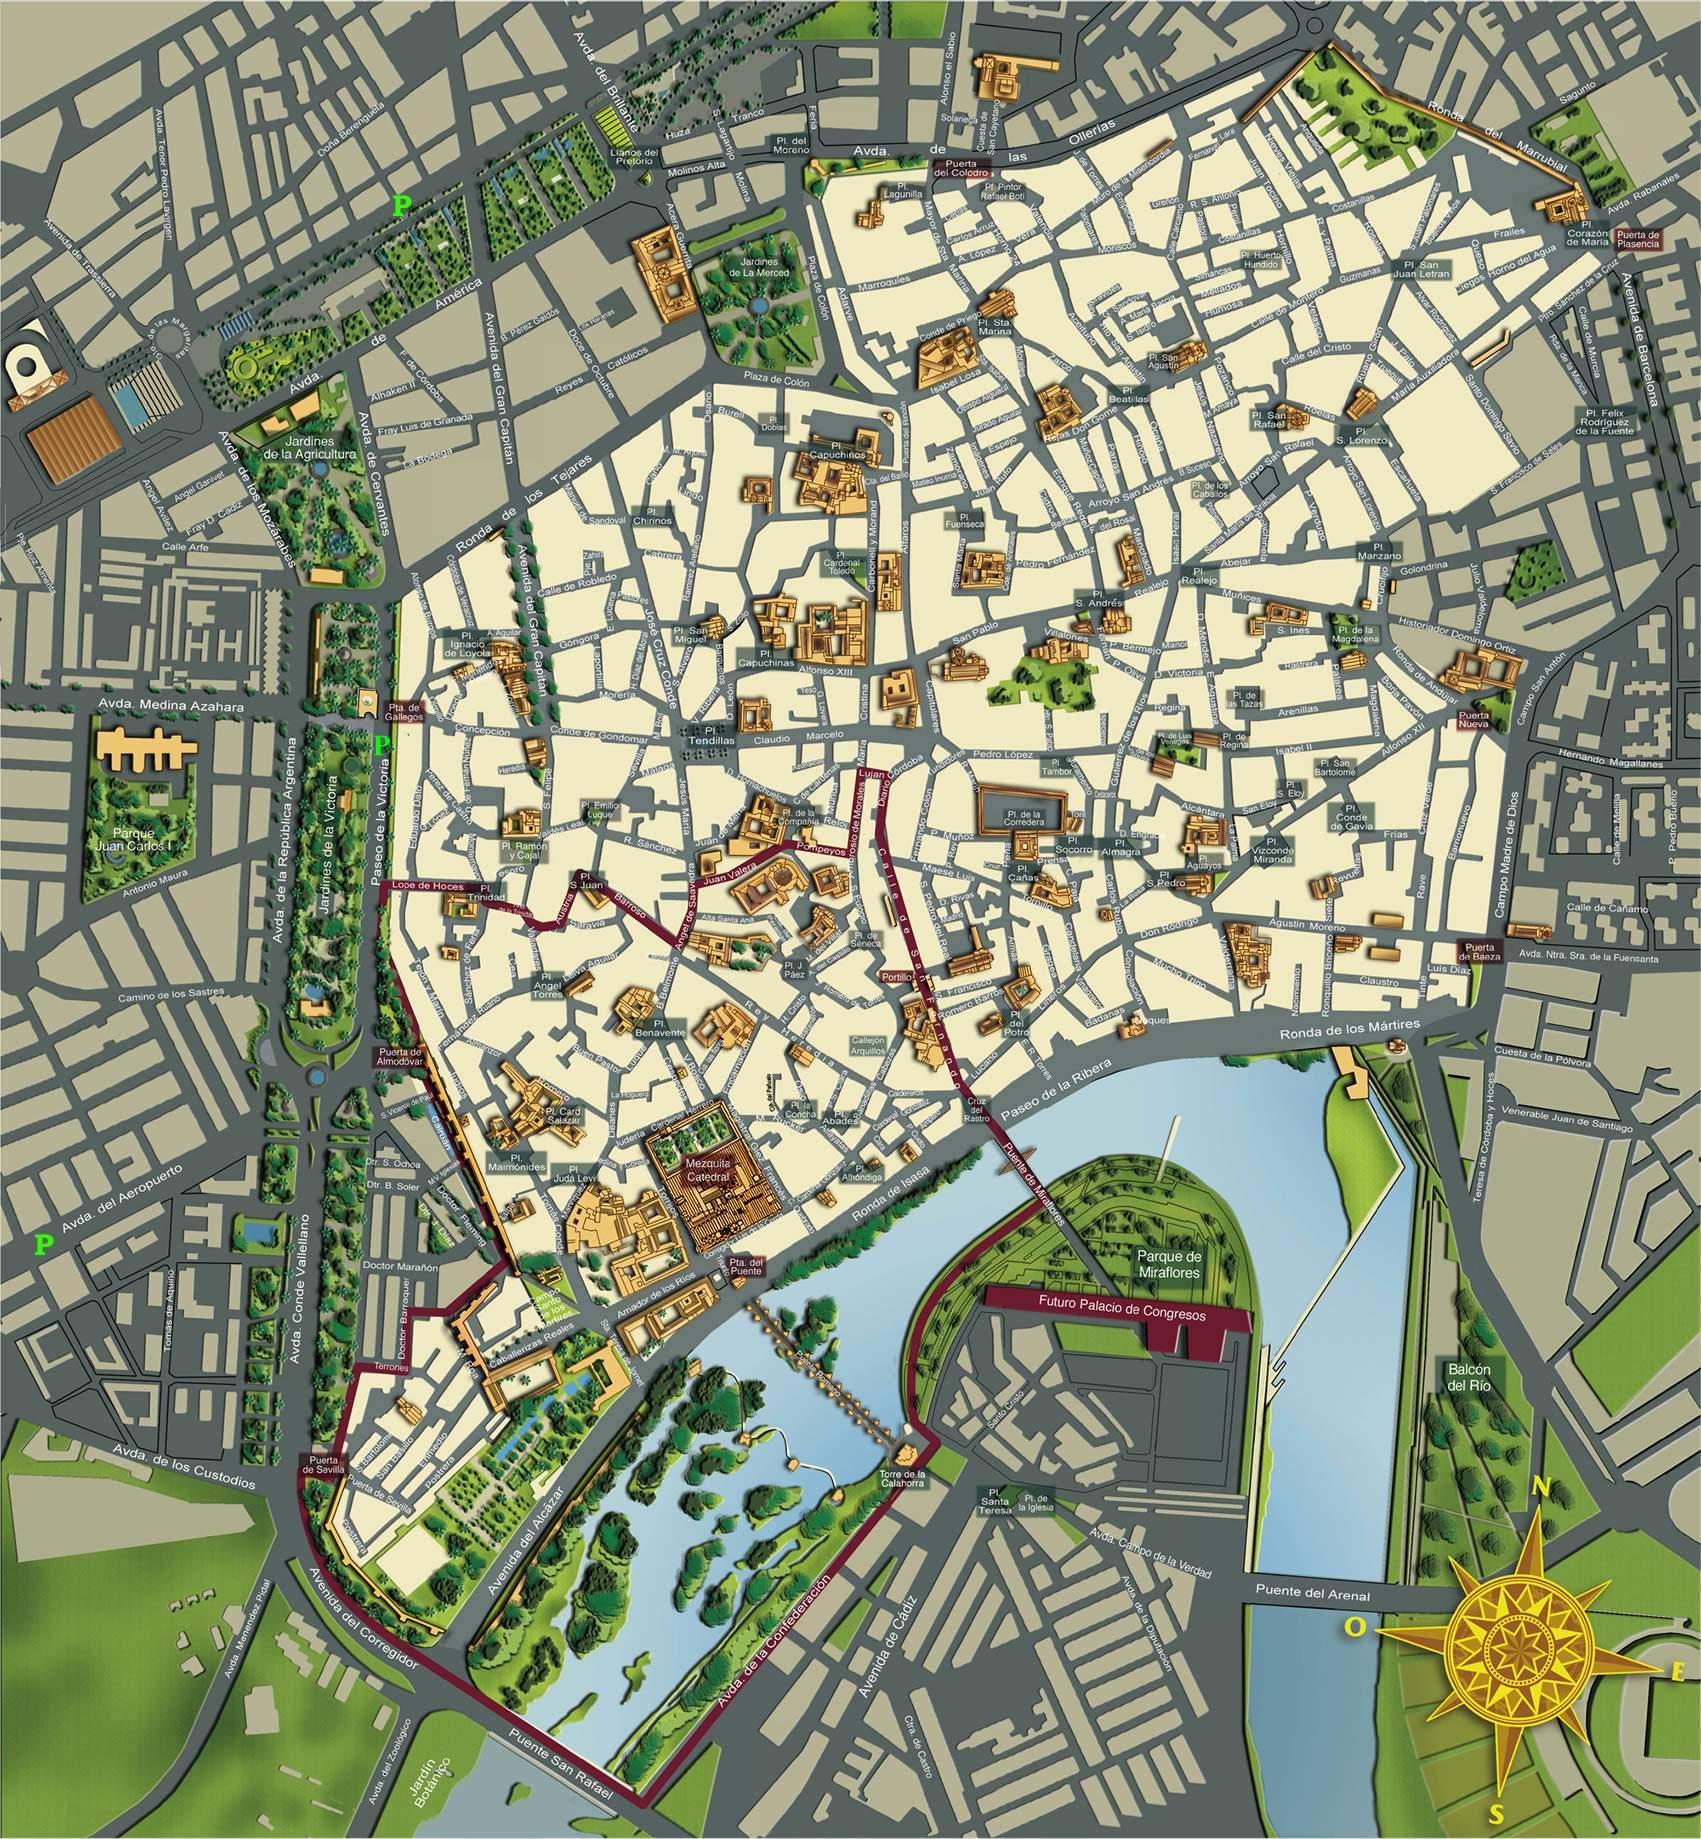 Mapa Callejero De Cordoba.Mapas Detallados De Cordoba Para Descargar Gratis E Imprimir